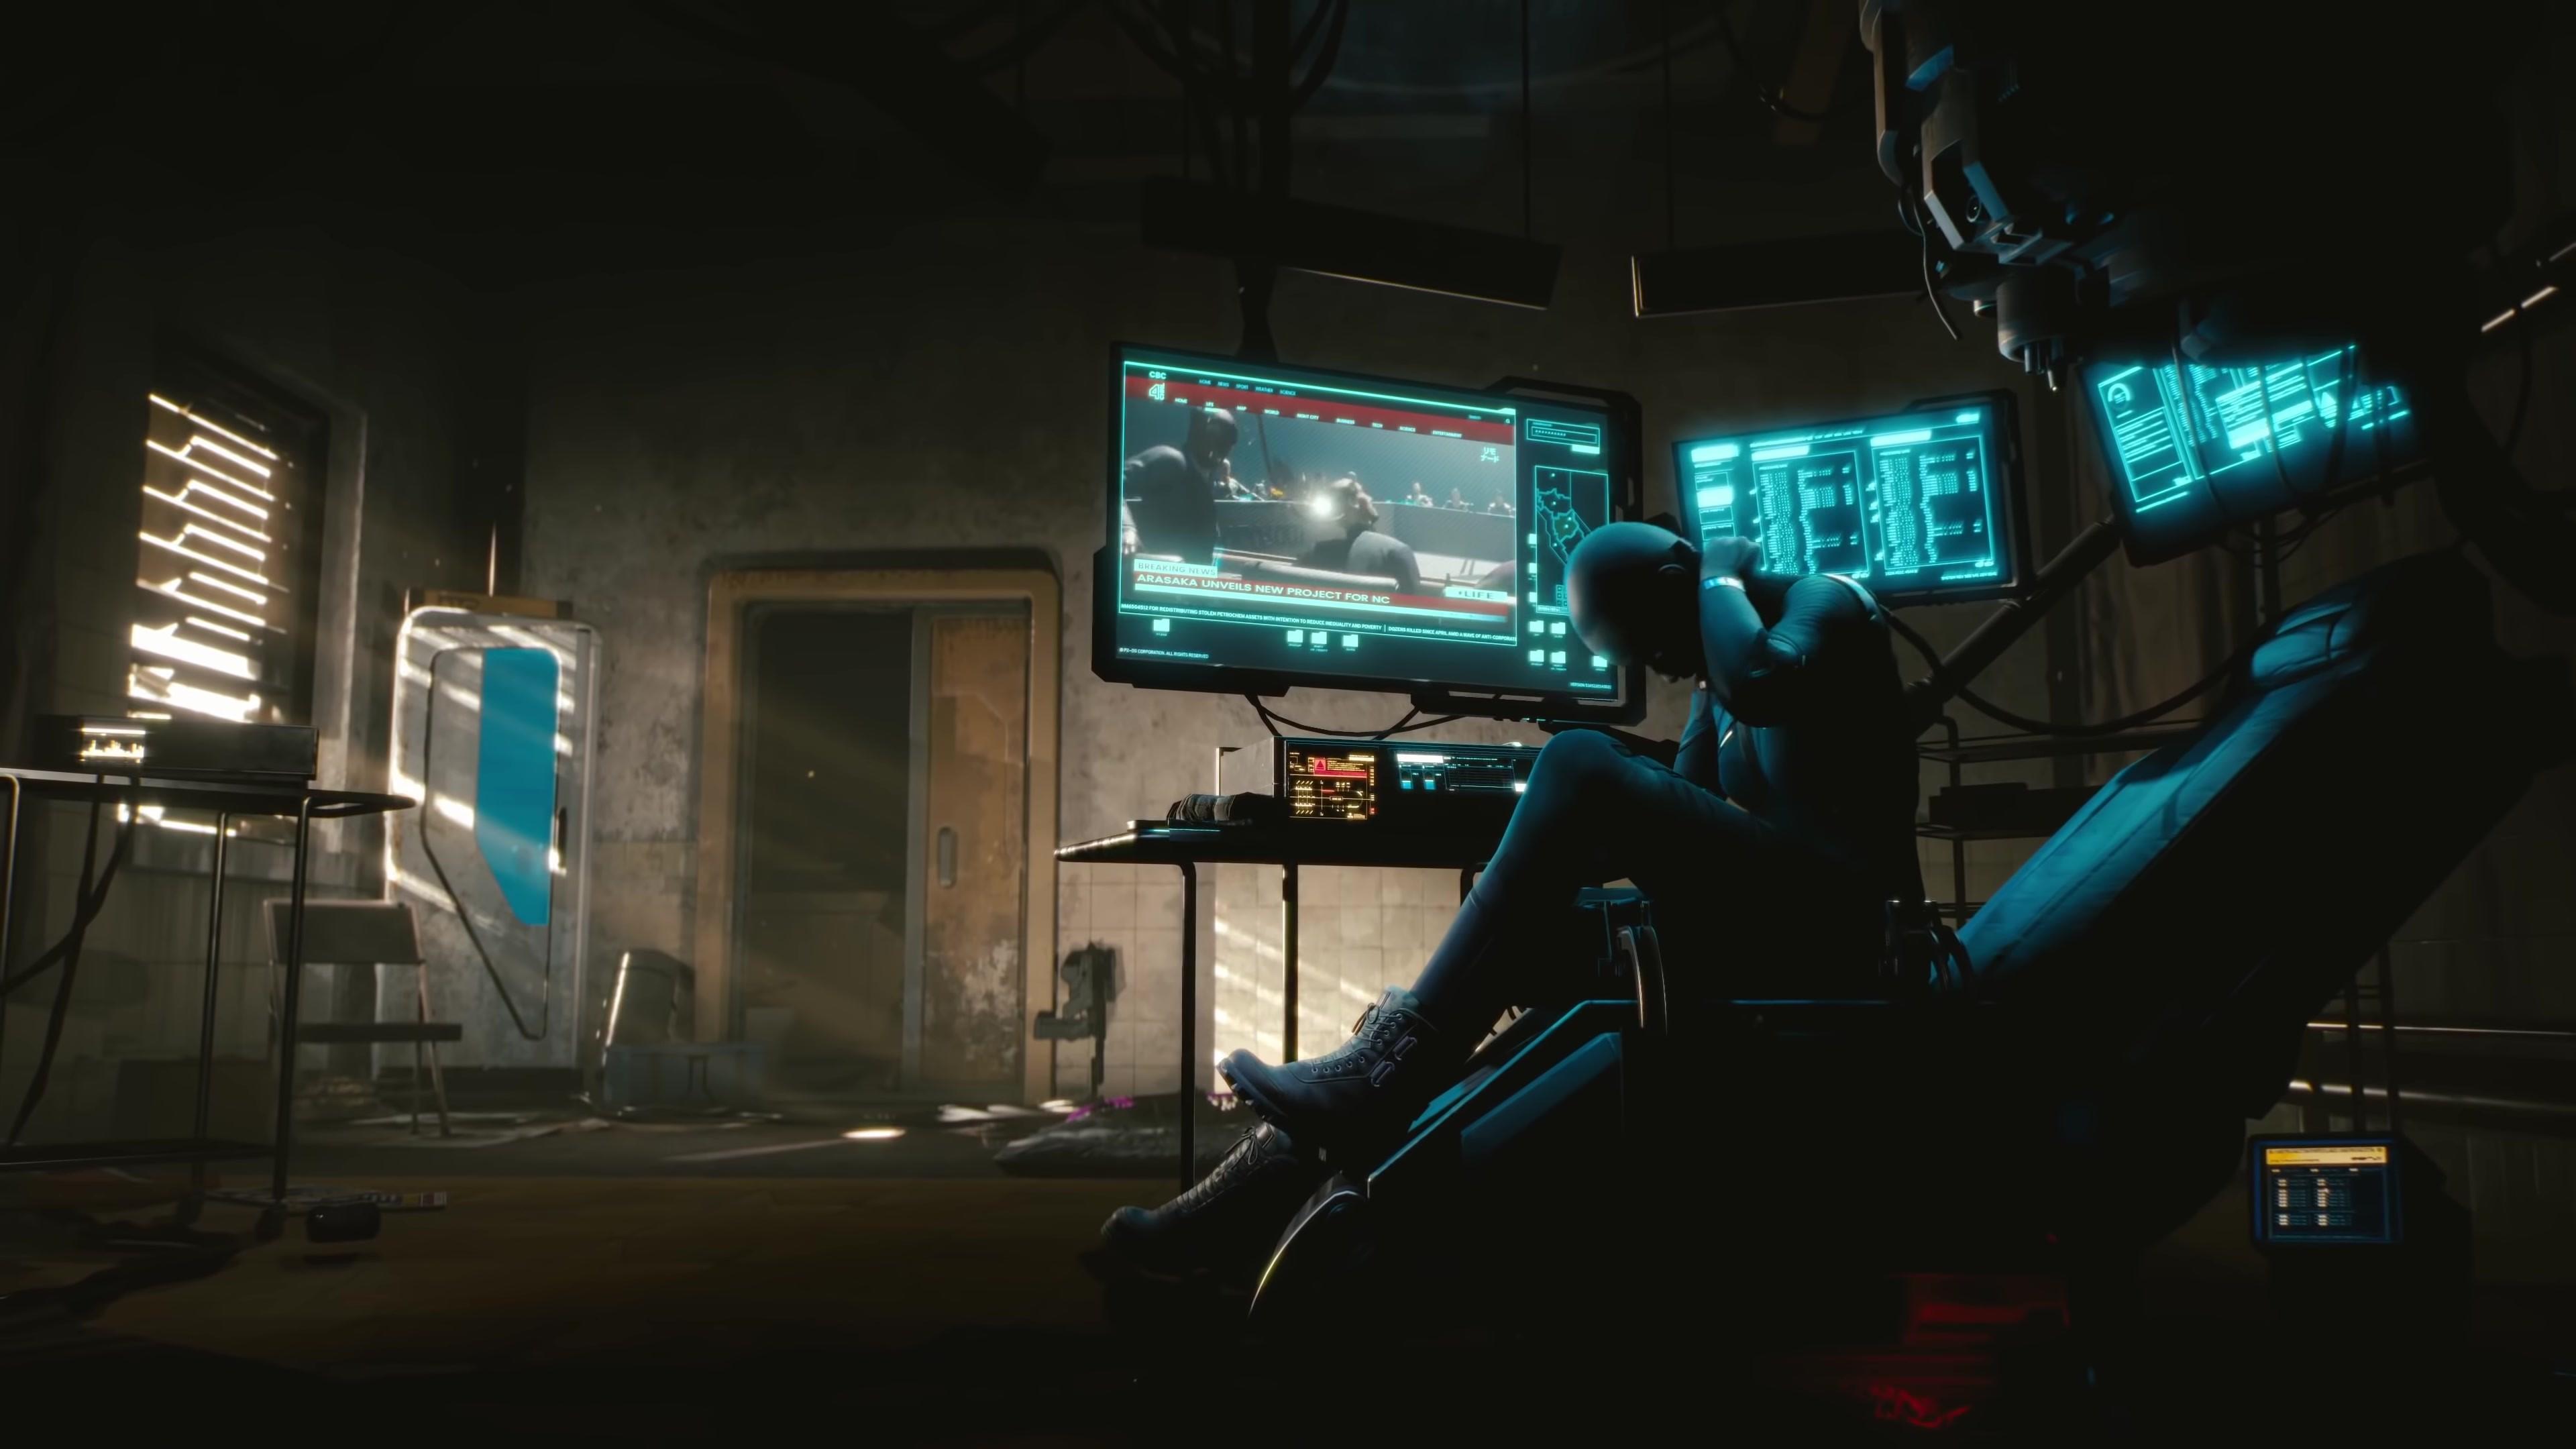 Wallpaper cyberpunk 2077 e3 2018 screenshot 4k games 19064 - Cyberpunk 2077 wallpaper 4k ...